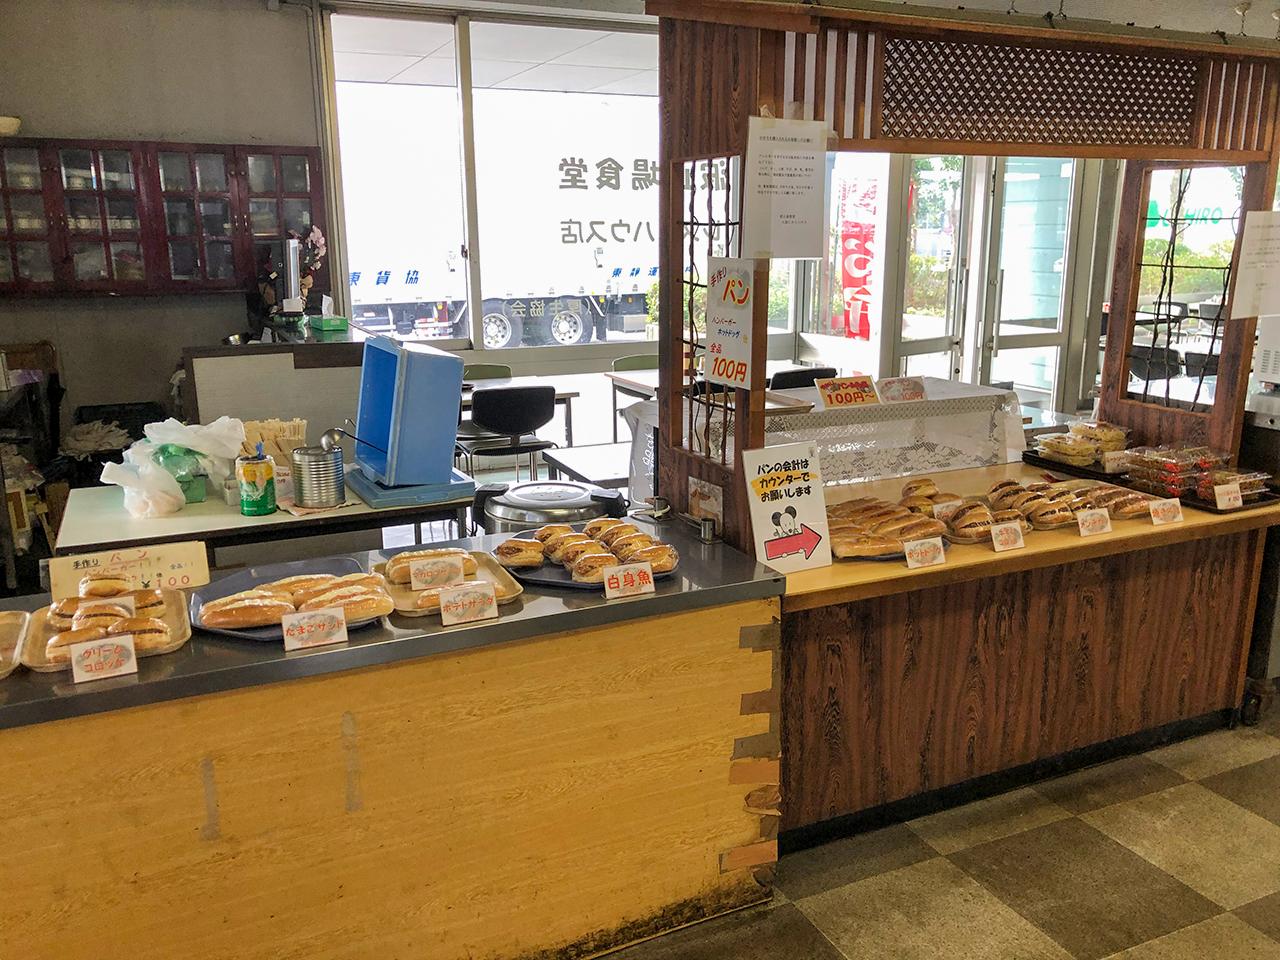 波止場食堂レストハウス店のパン類